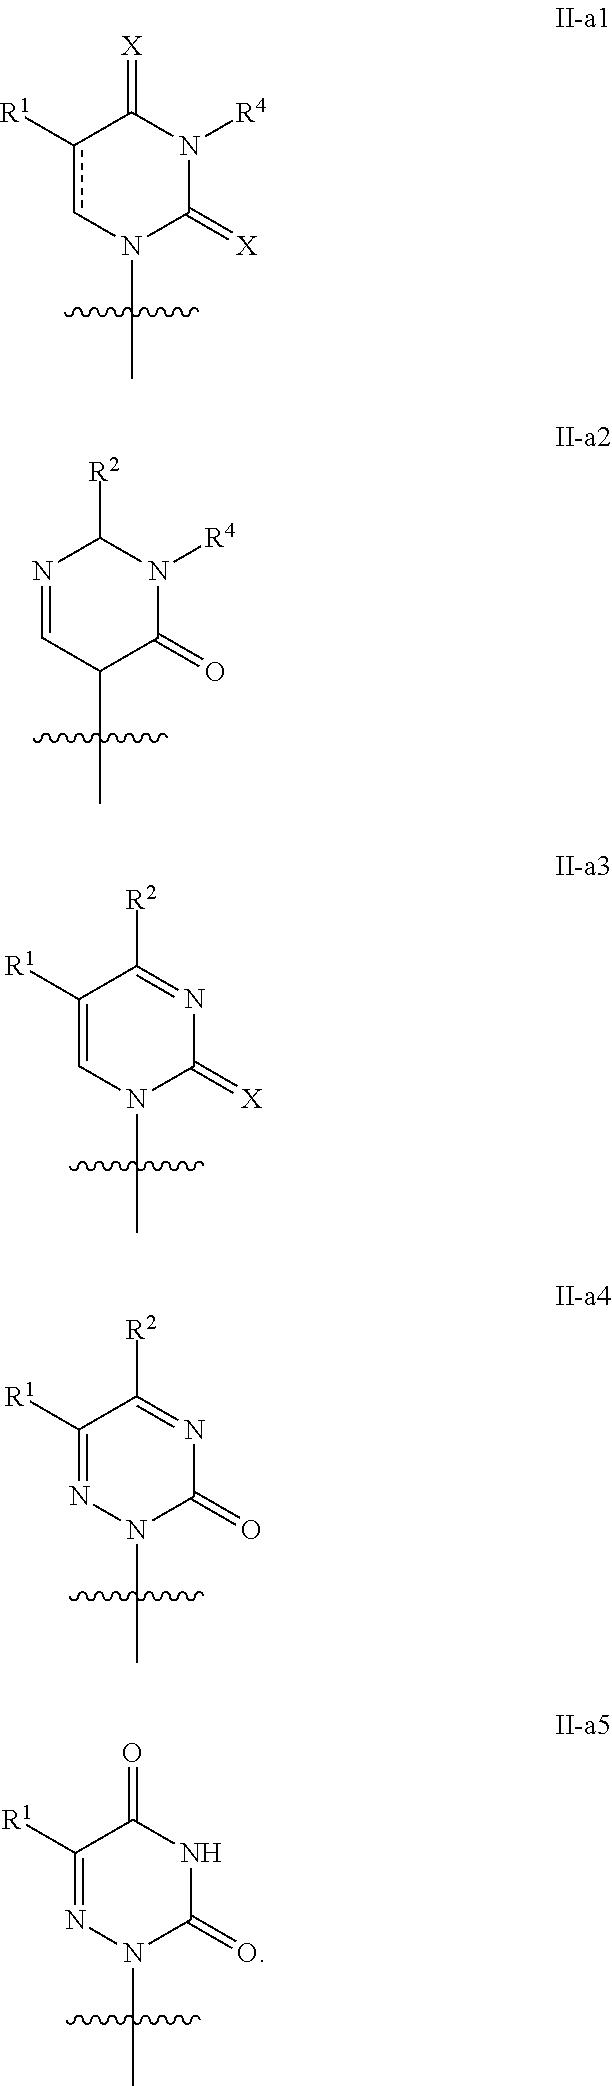 Figure US09657295-20170523-C00033